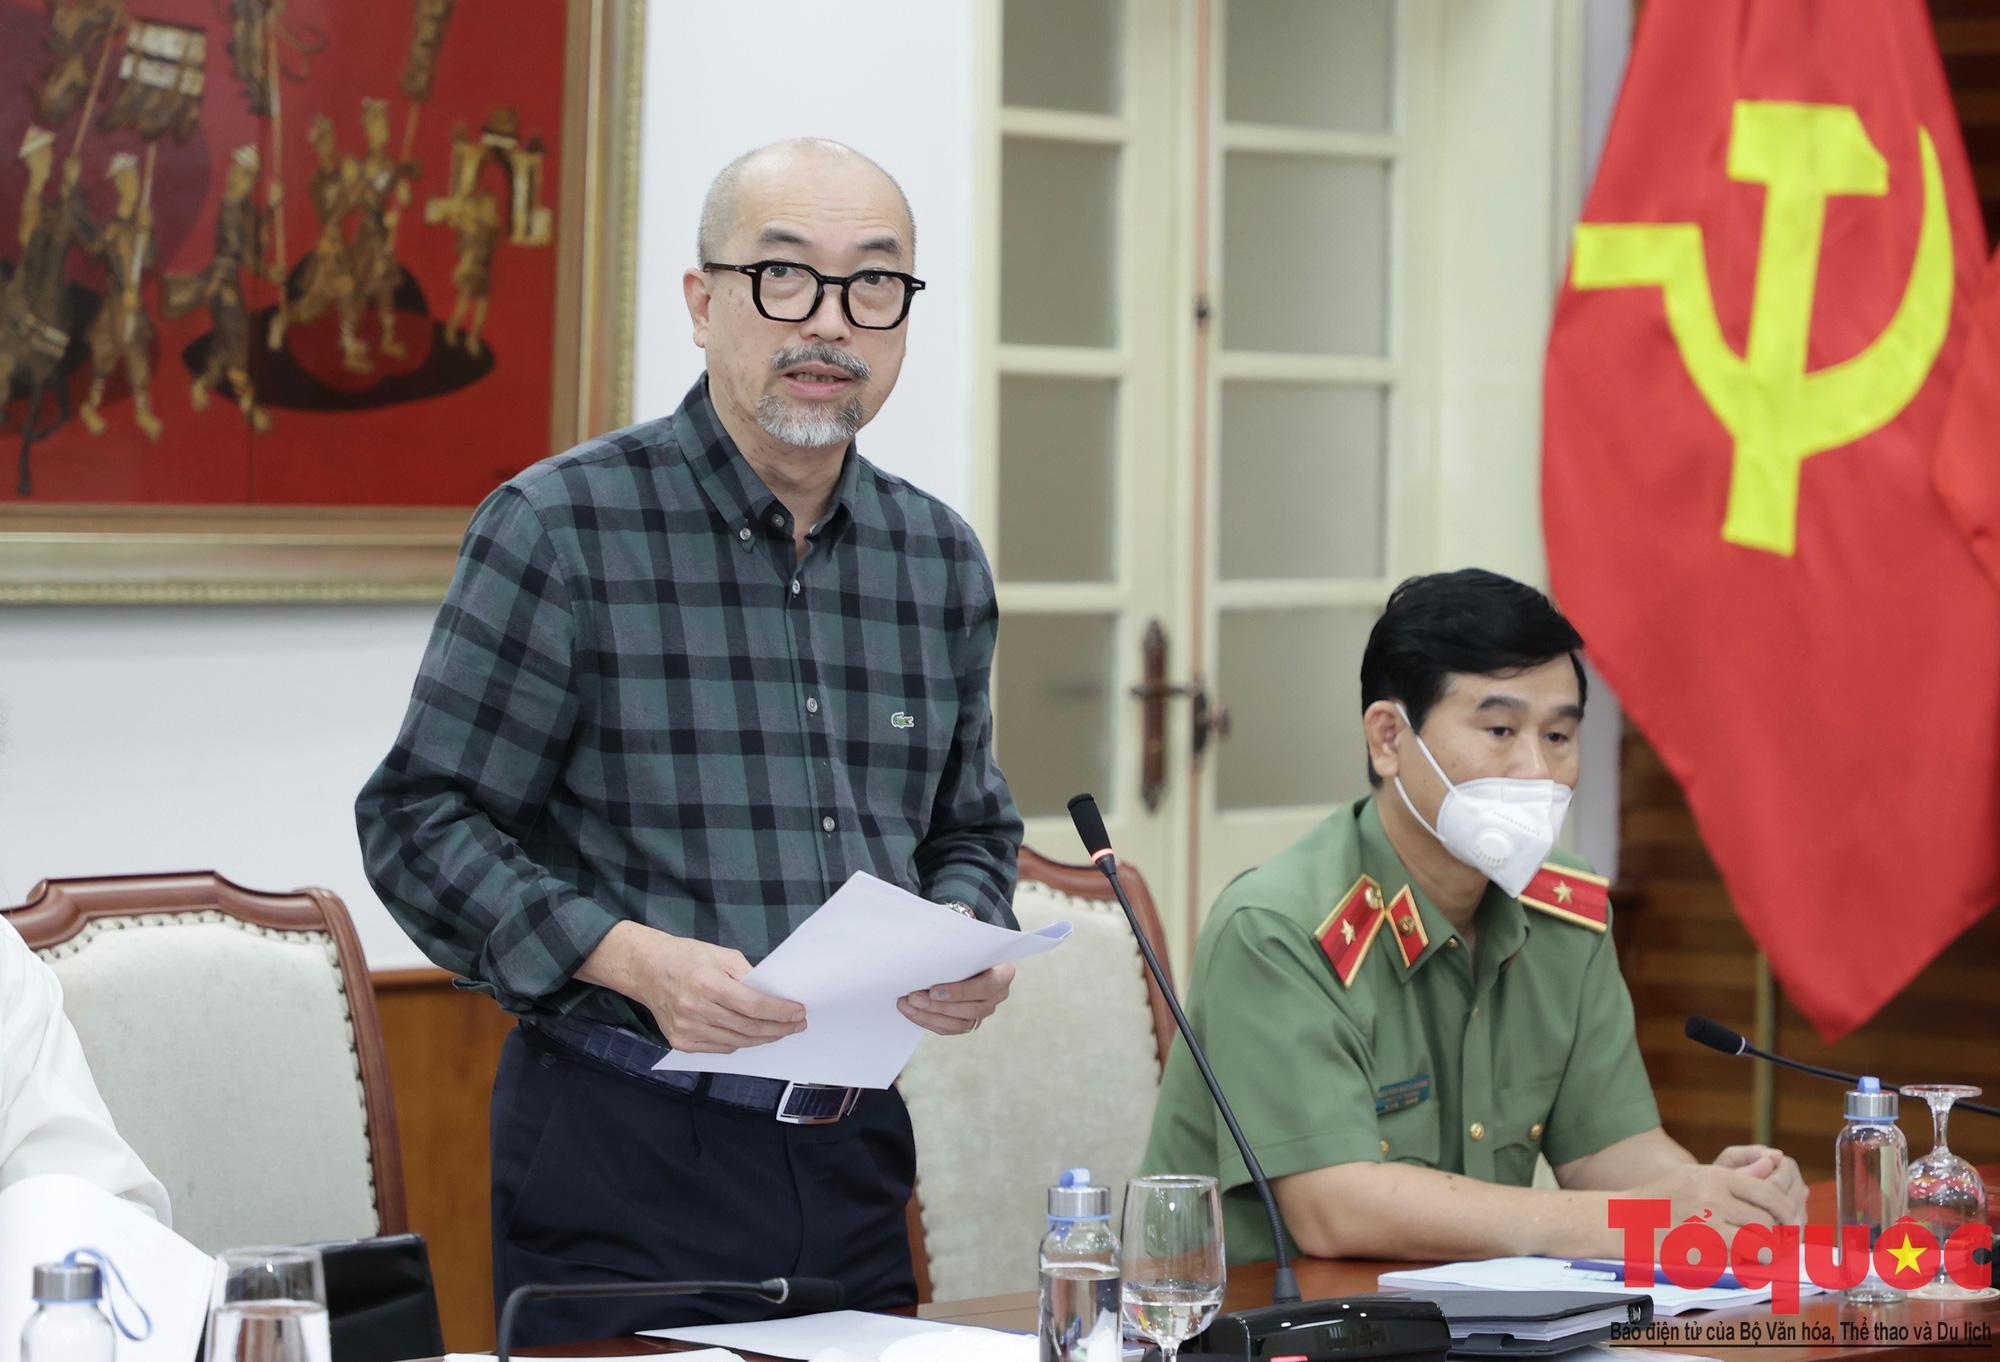 Nỗ lực vì một Liên hoan phim Việt Nam lần thứ XXII ấn tượng, thành công - Ảnh 3.